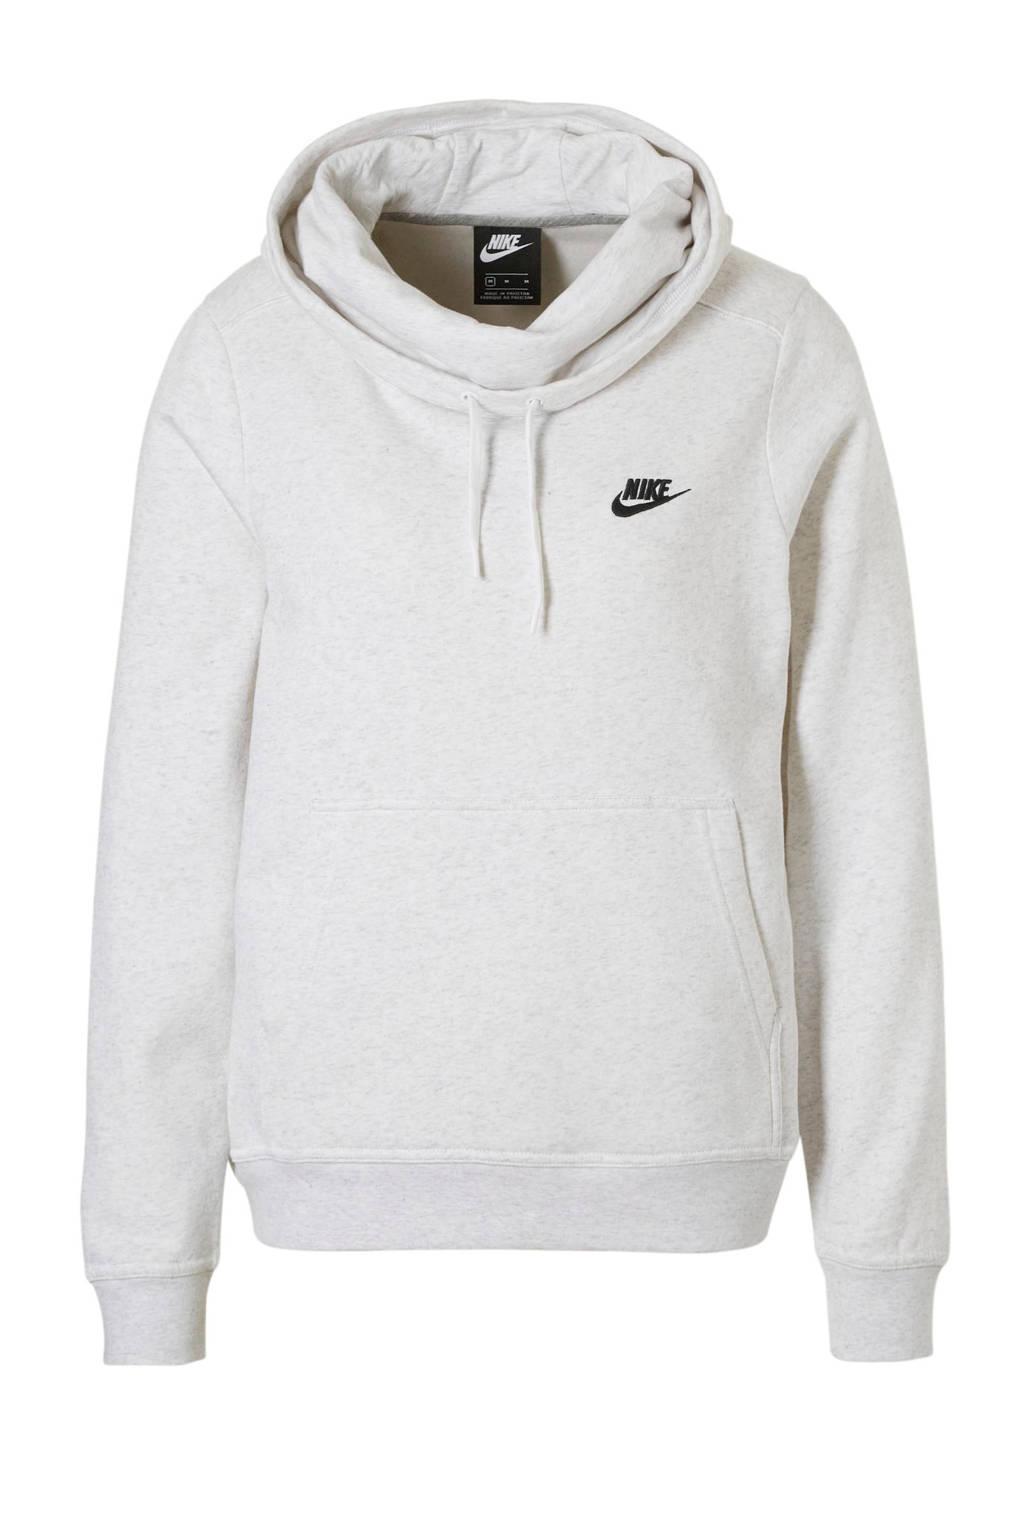 Nike hoodie lichtgrijs, Lichtgrijs melange